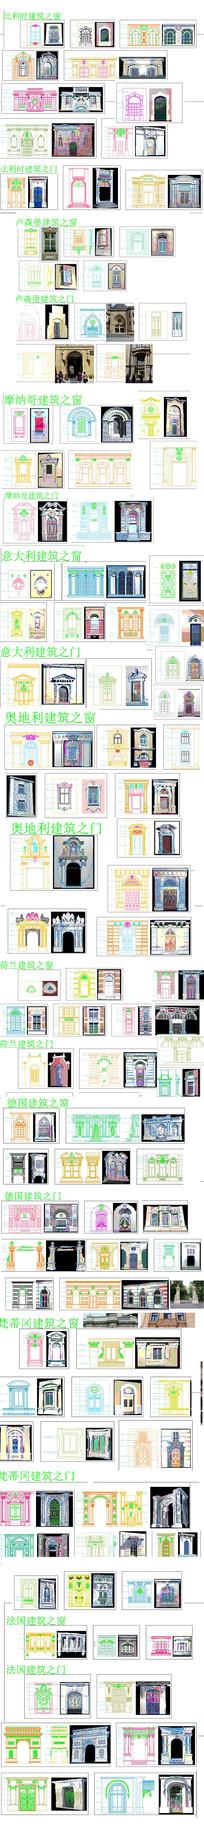 欧式建筑门窗施工图